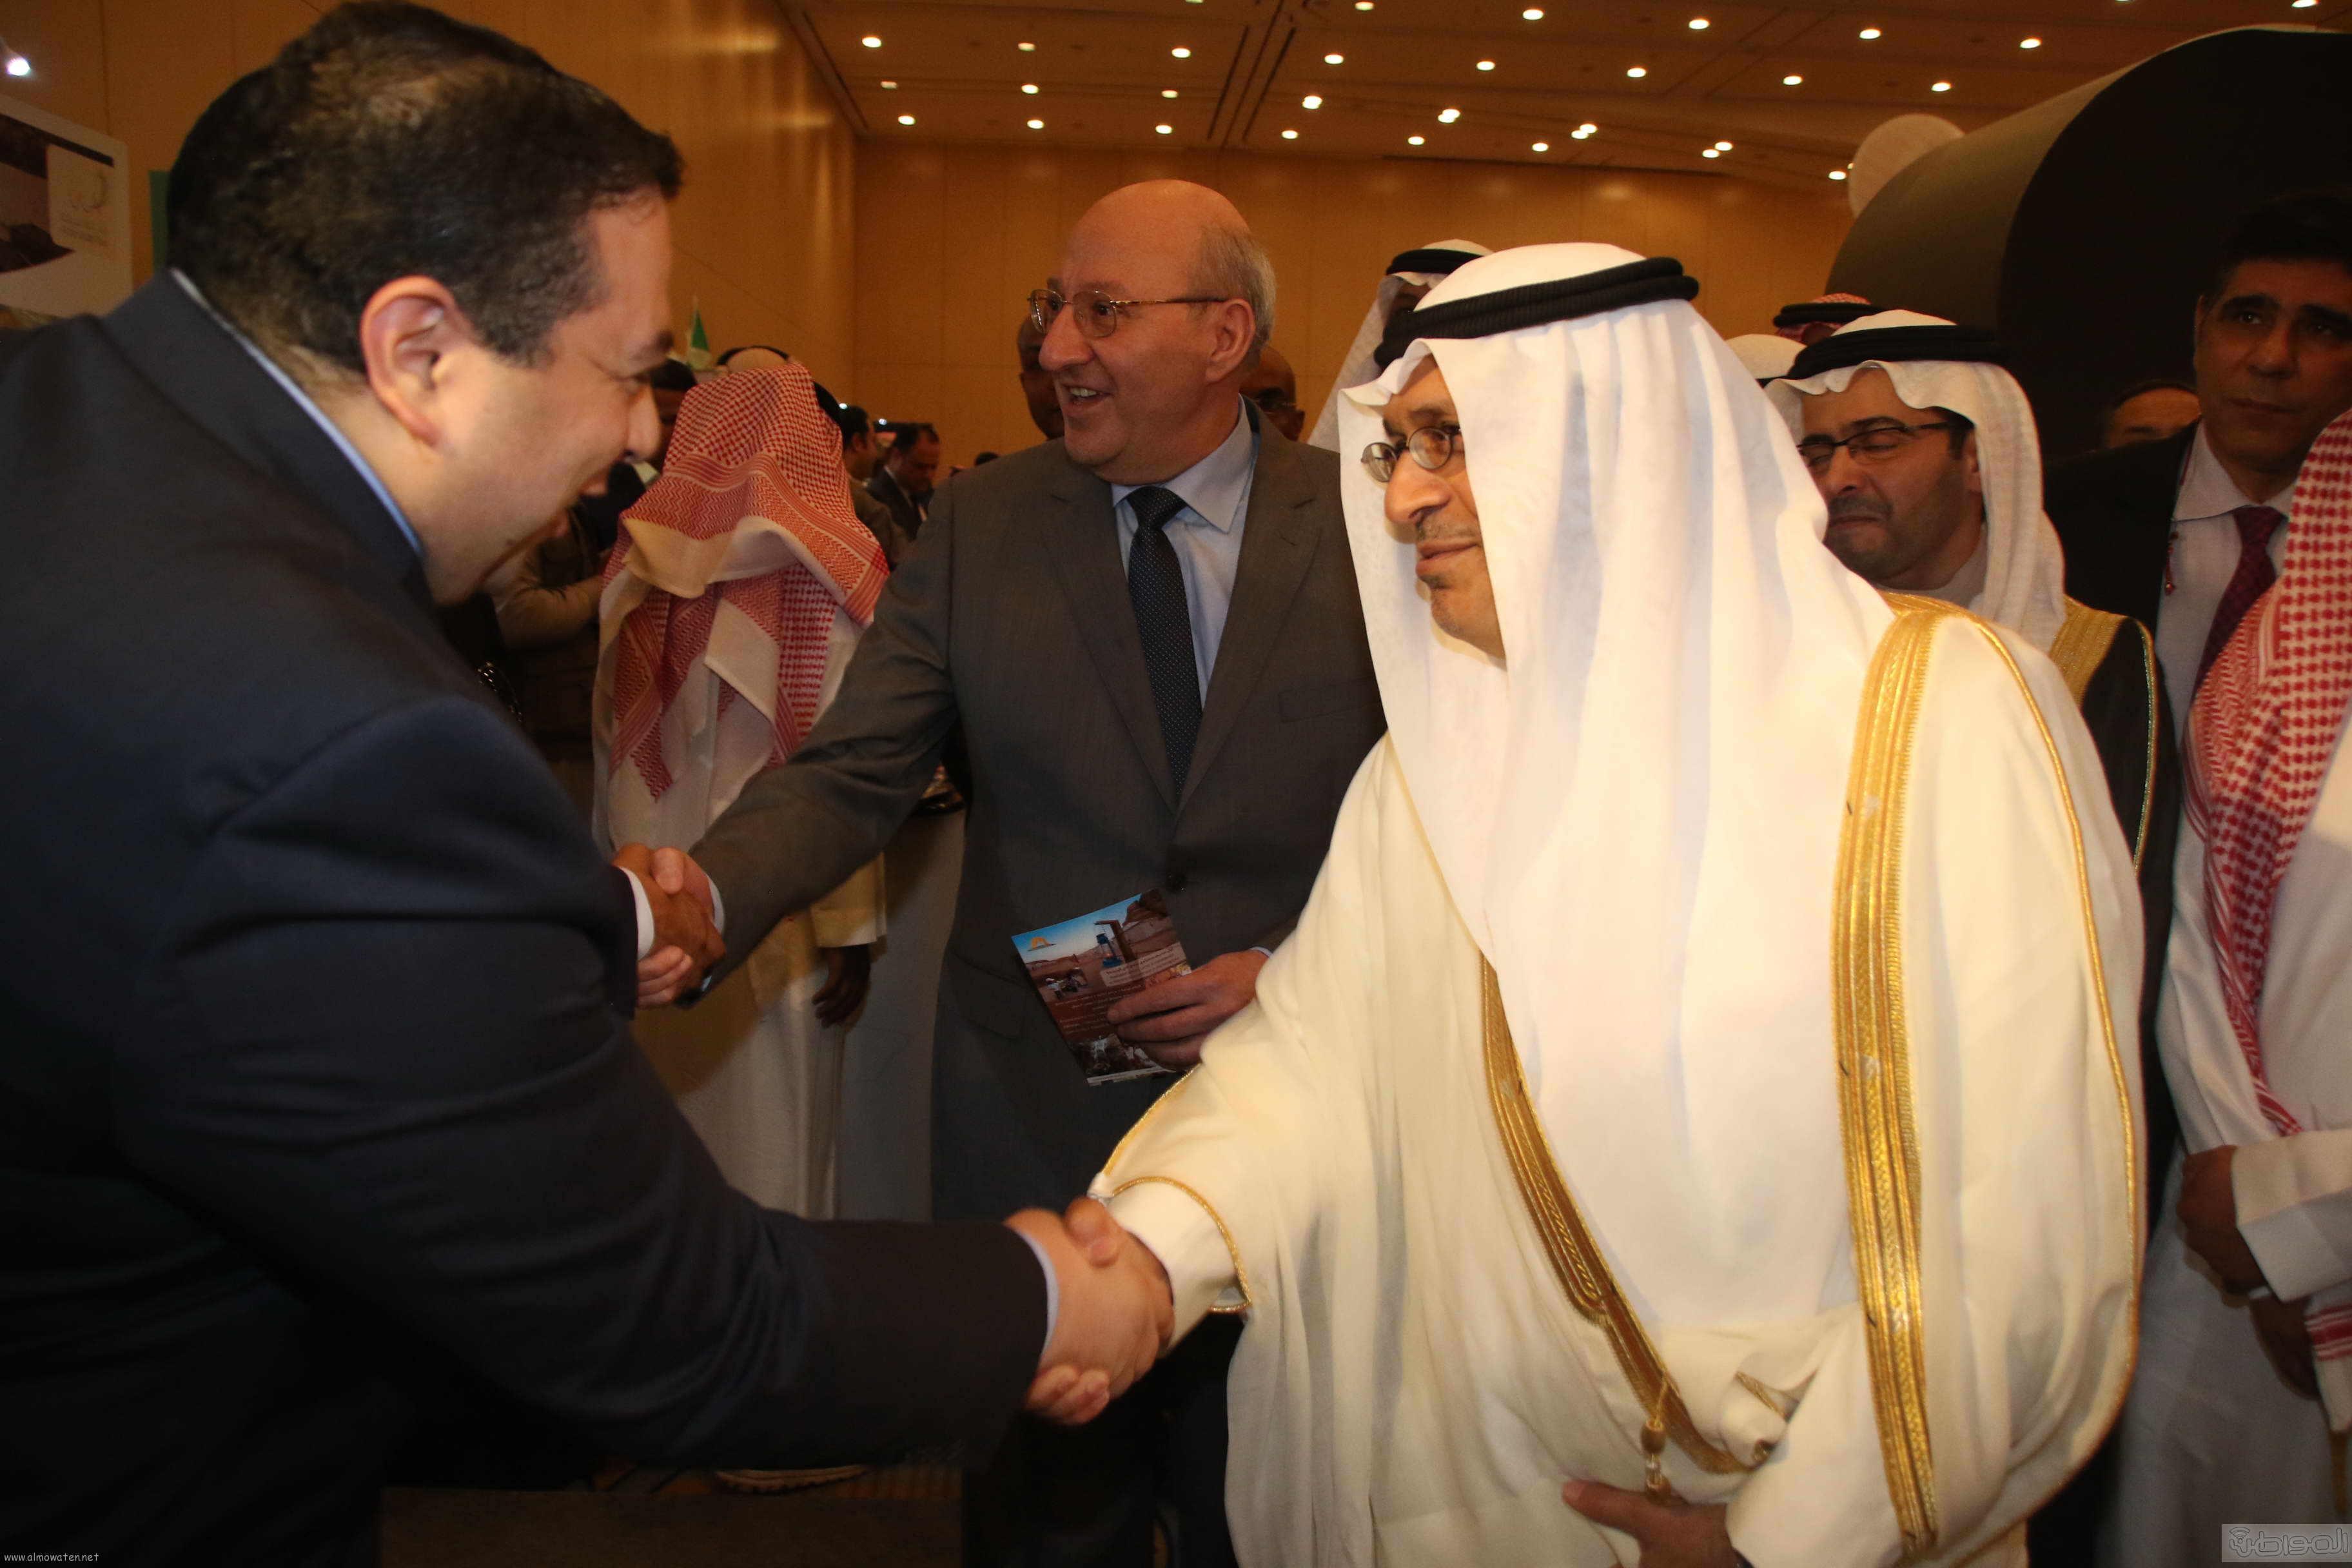 لقطات لتدشين الامير سيف الاسلام ملتقى رواد صناعة السياحة والسفر (1)